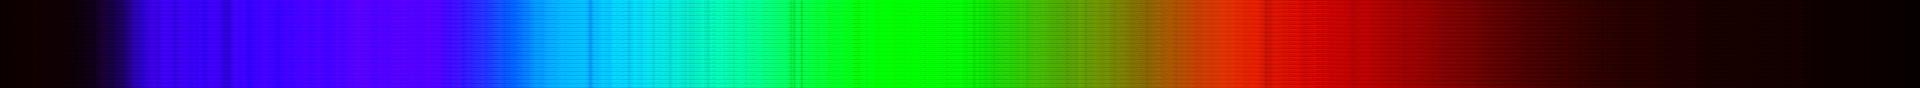 Sonne_VSS_iso100_250µs_2900_p_breit.jpg